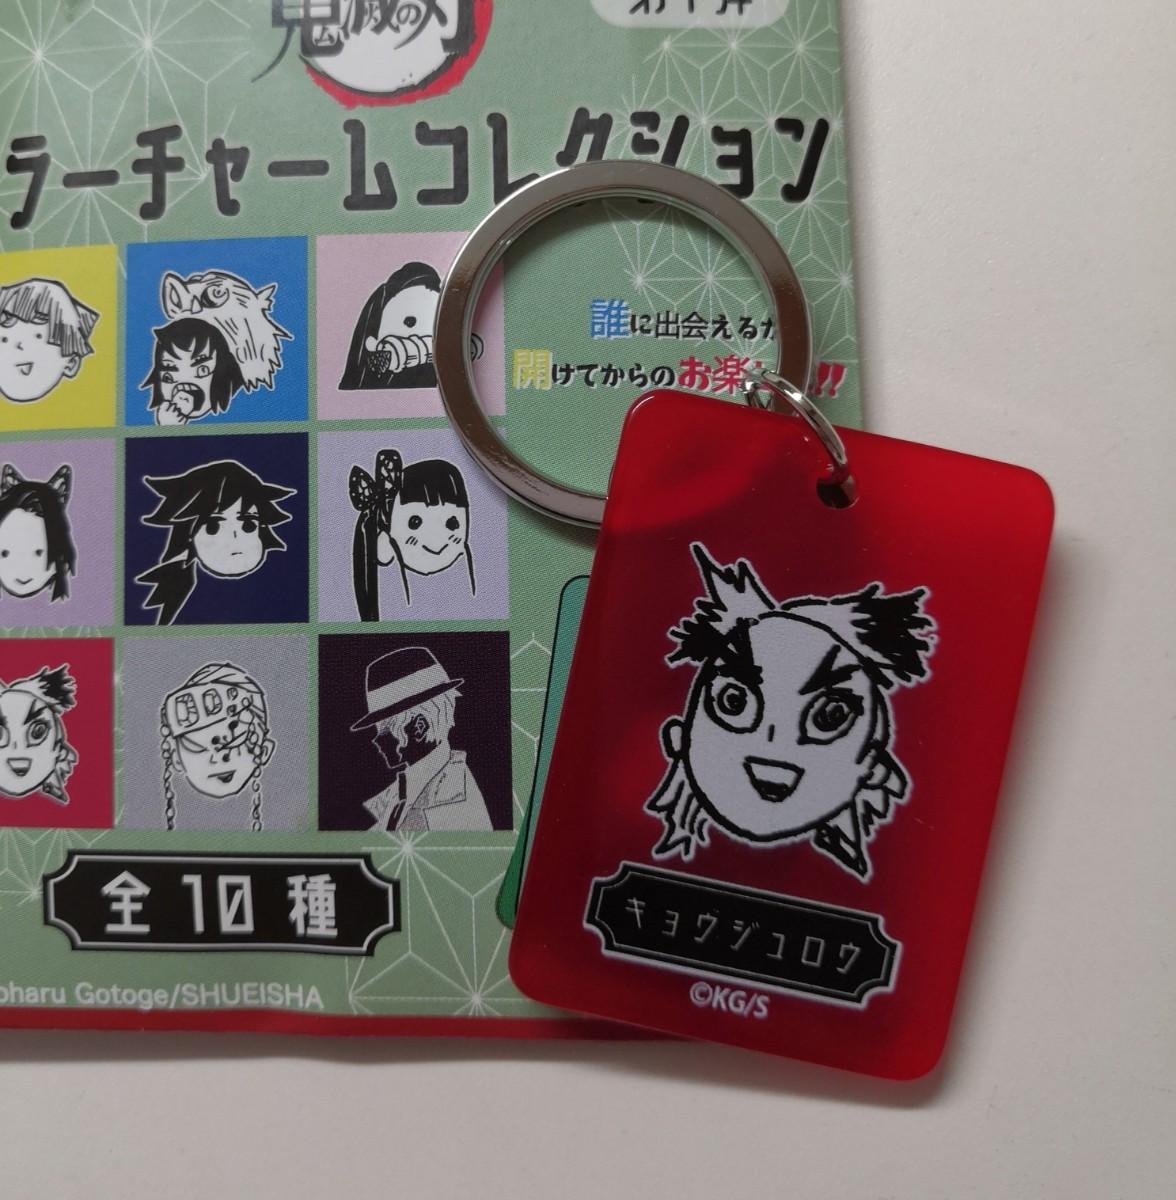 鬼滅の刃 煉獄杏寿郎 カラーチャームコレクション